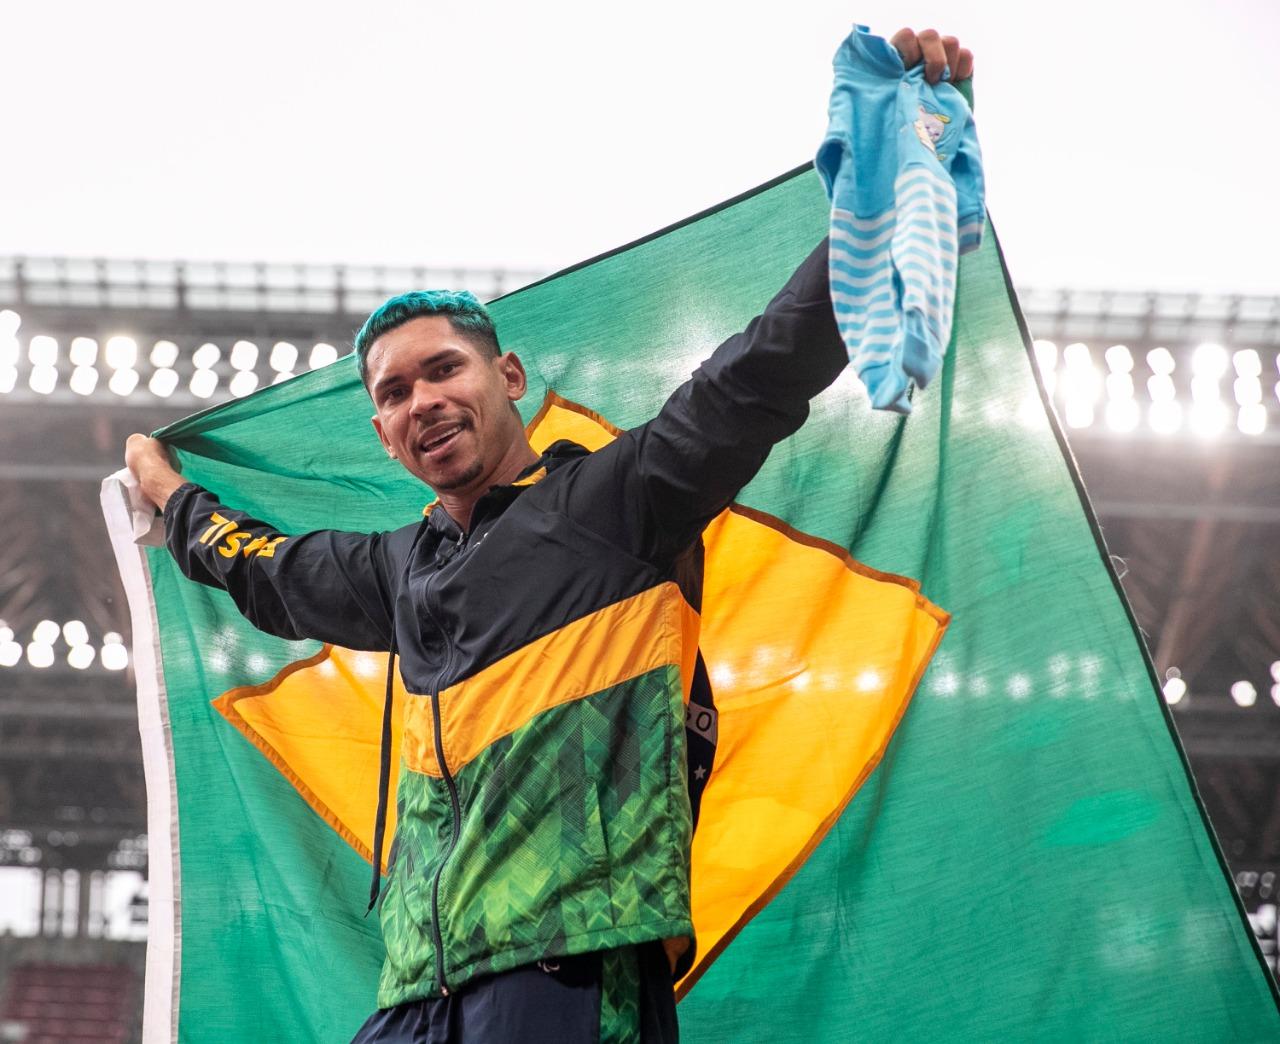 Mateus Evangelista, de uniforme e cabelo verde, com bandeira gigante do Brasil